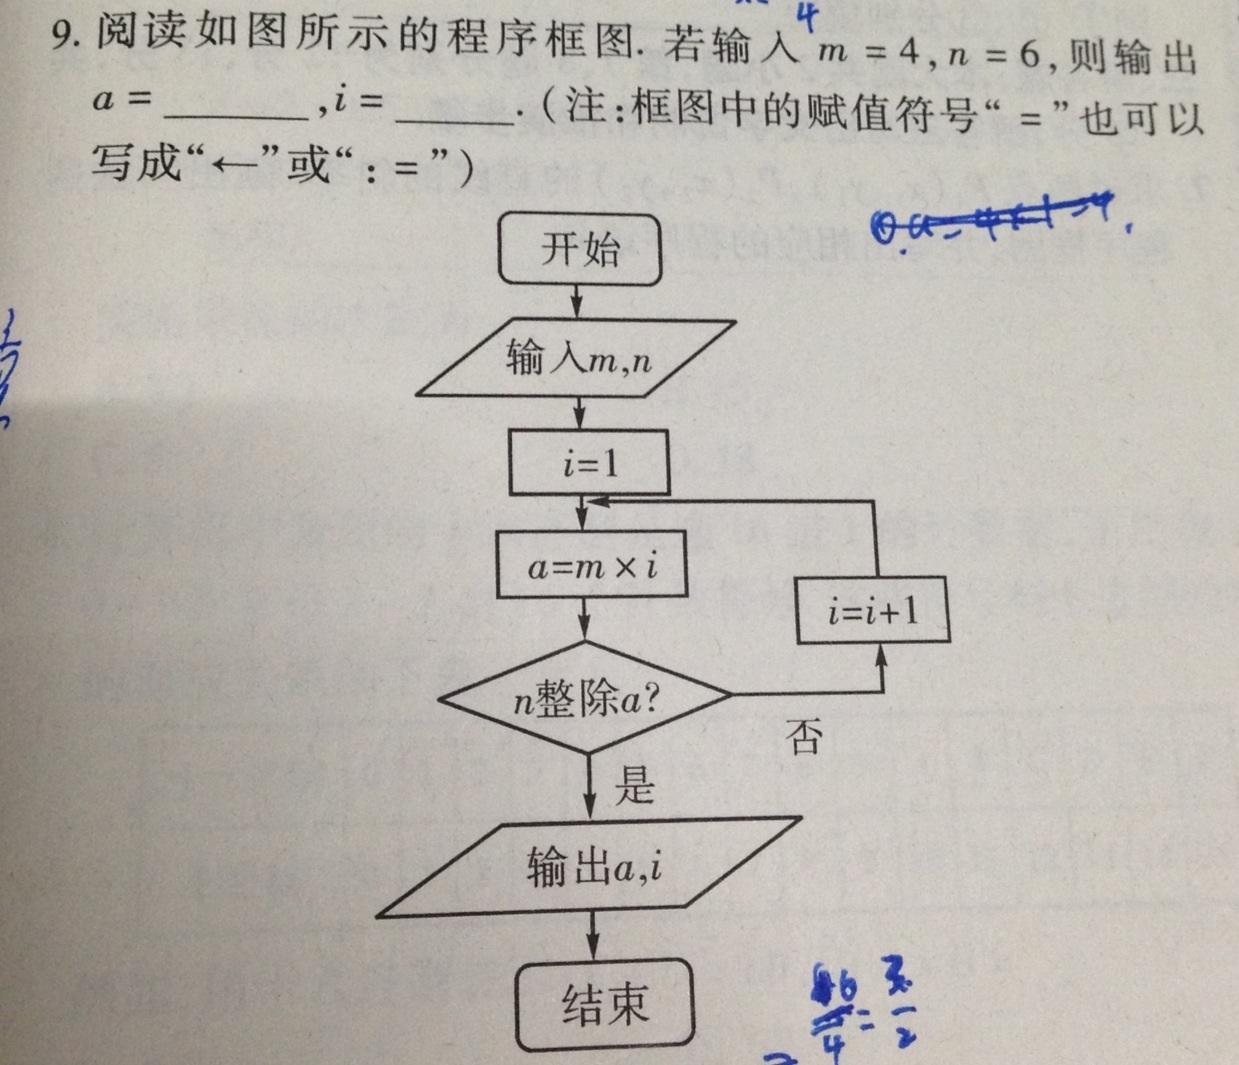 高二历史知识结构框图